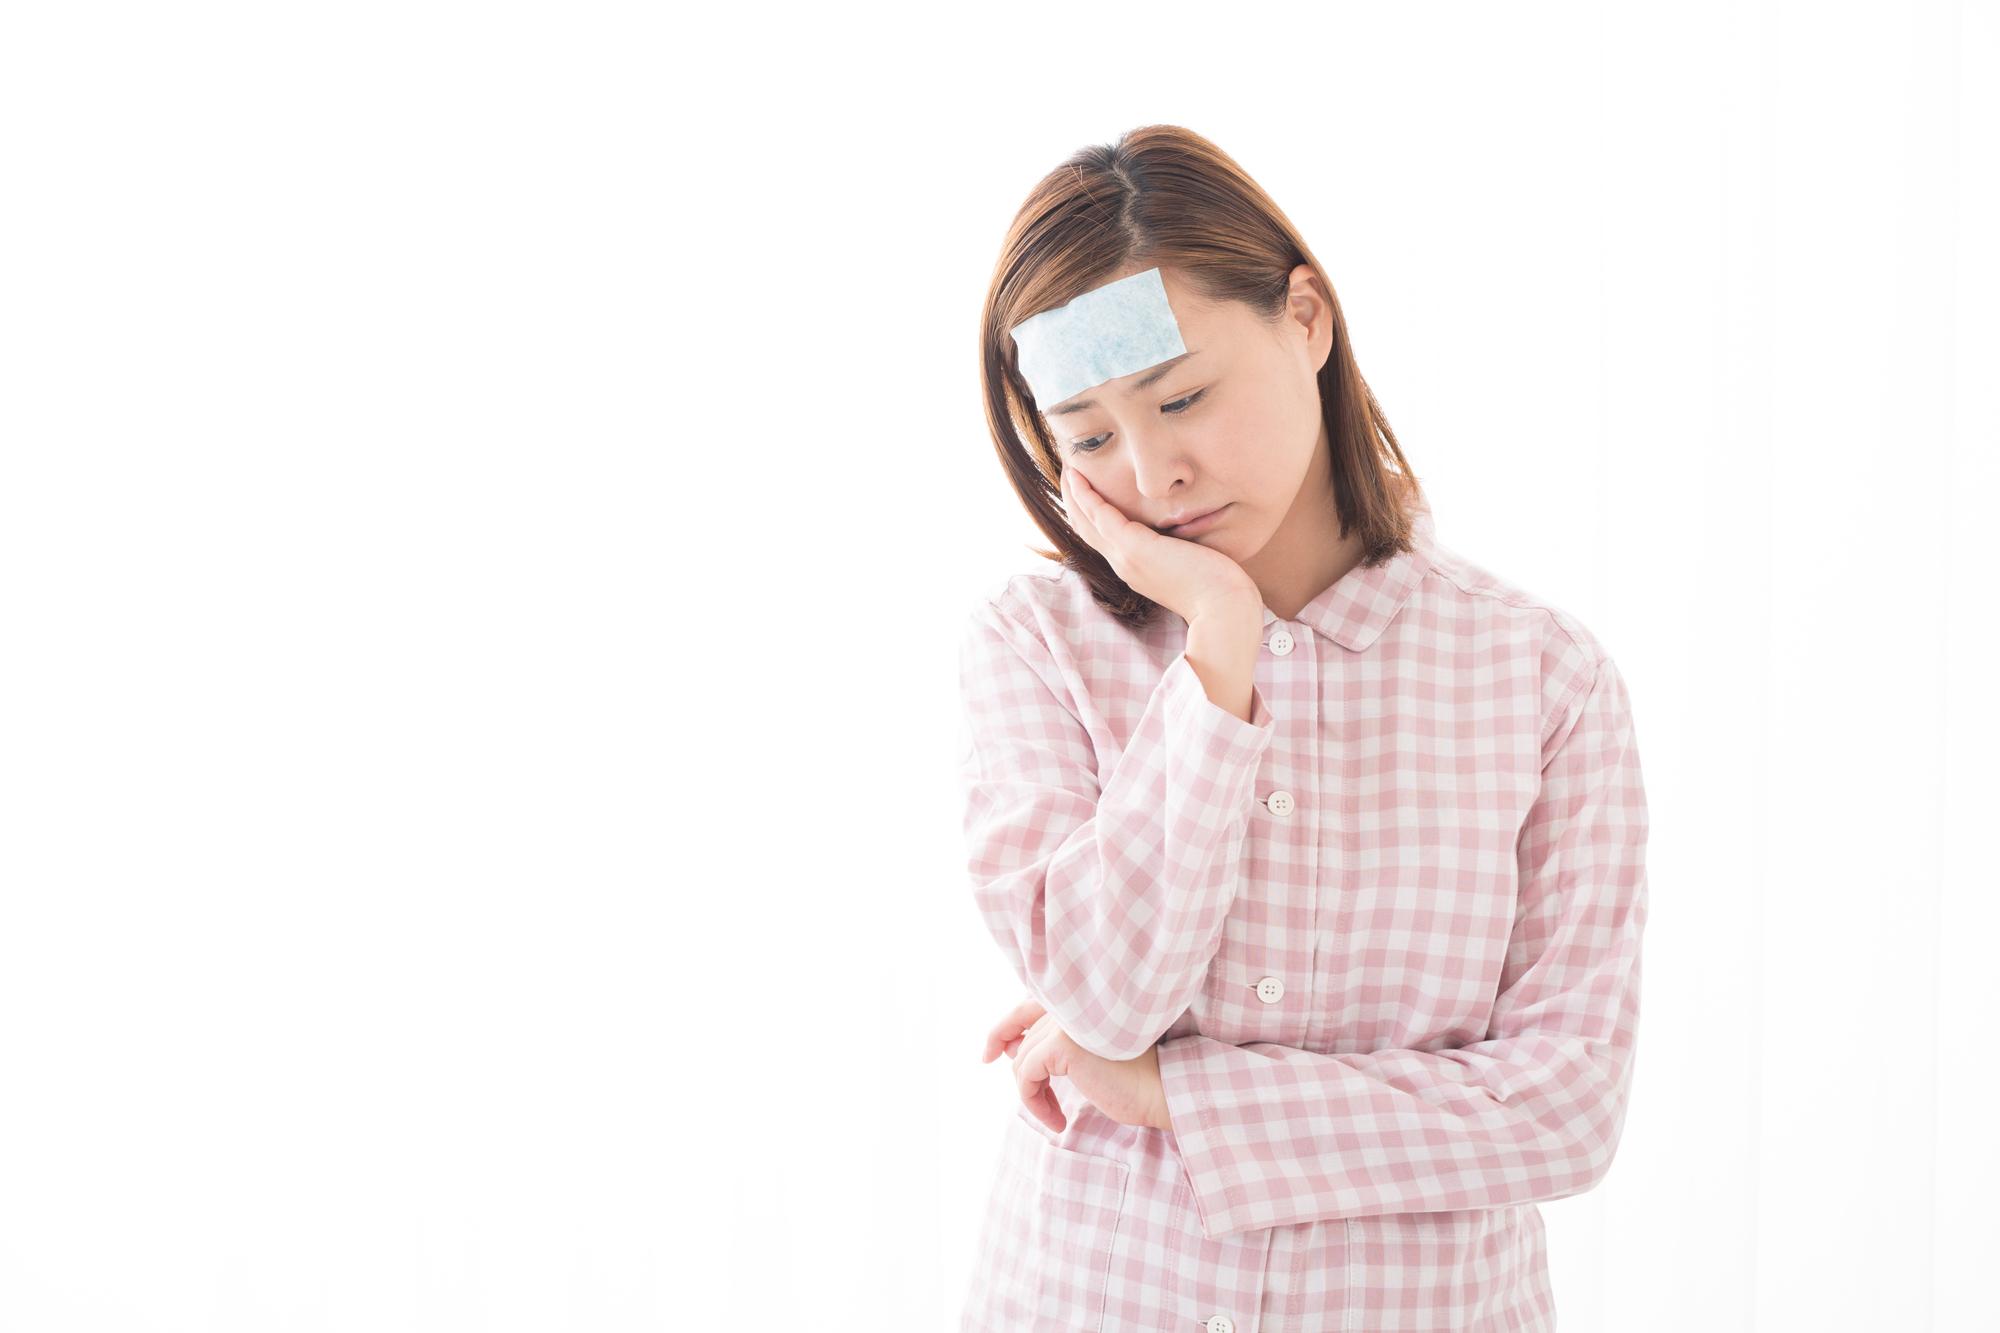 発熱と同時に歯が痛む女性